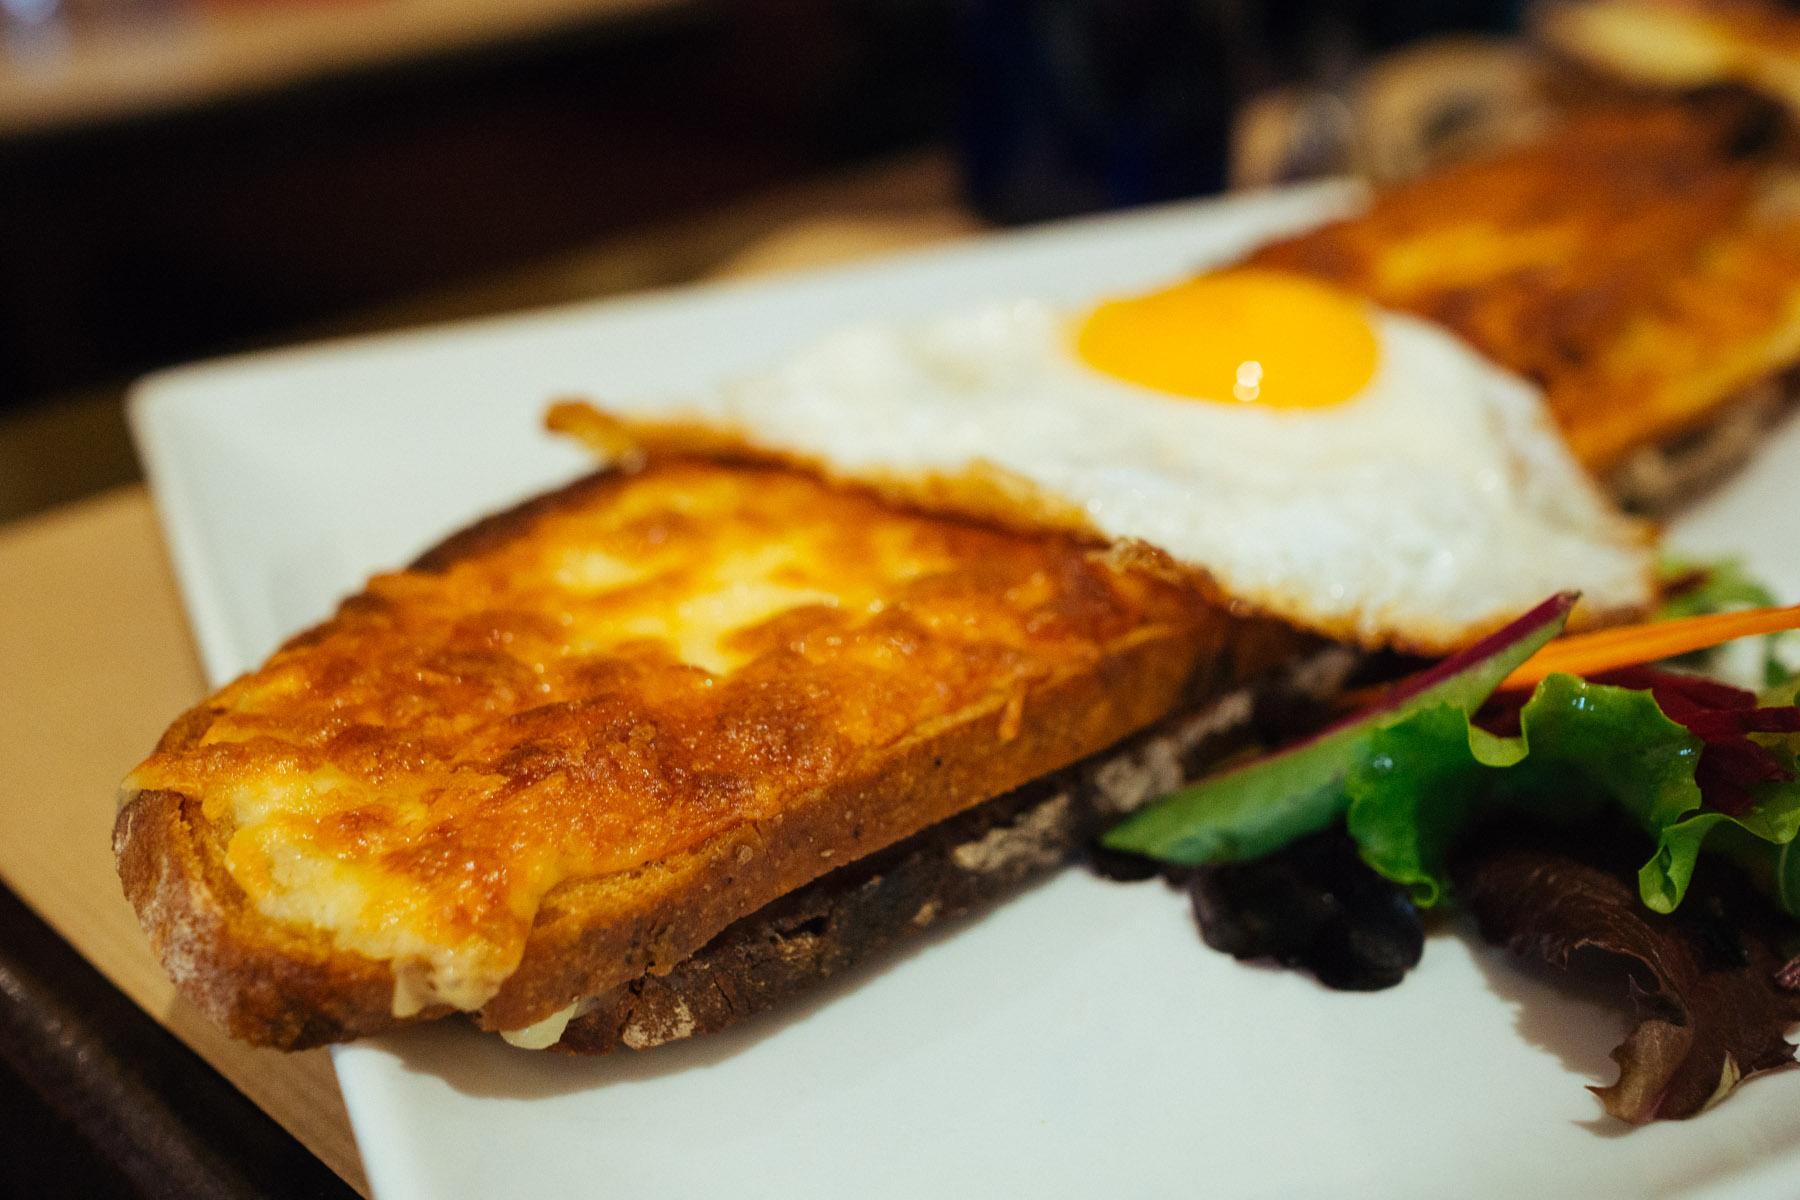 Easter-best-egg-dishes-poached-scrambled-soft-boiled-omelet-fried-deviled-yolks-23